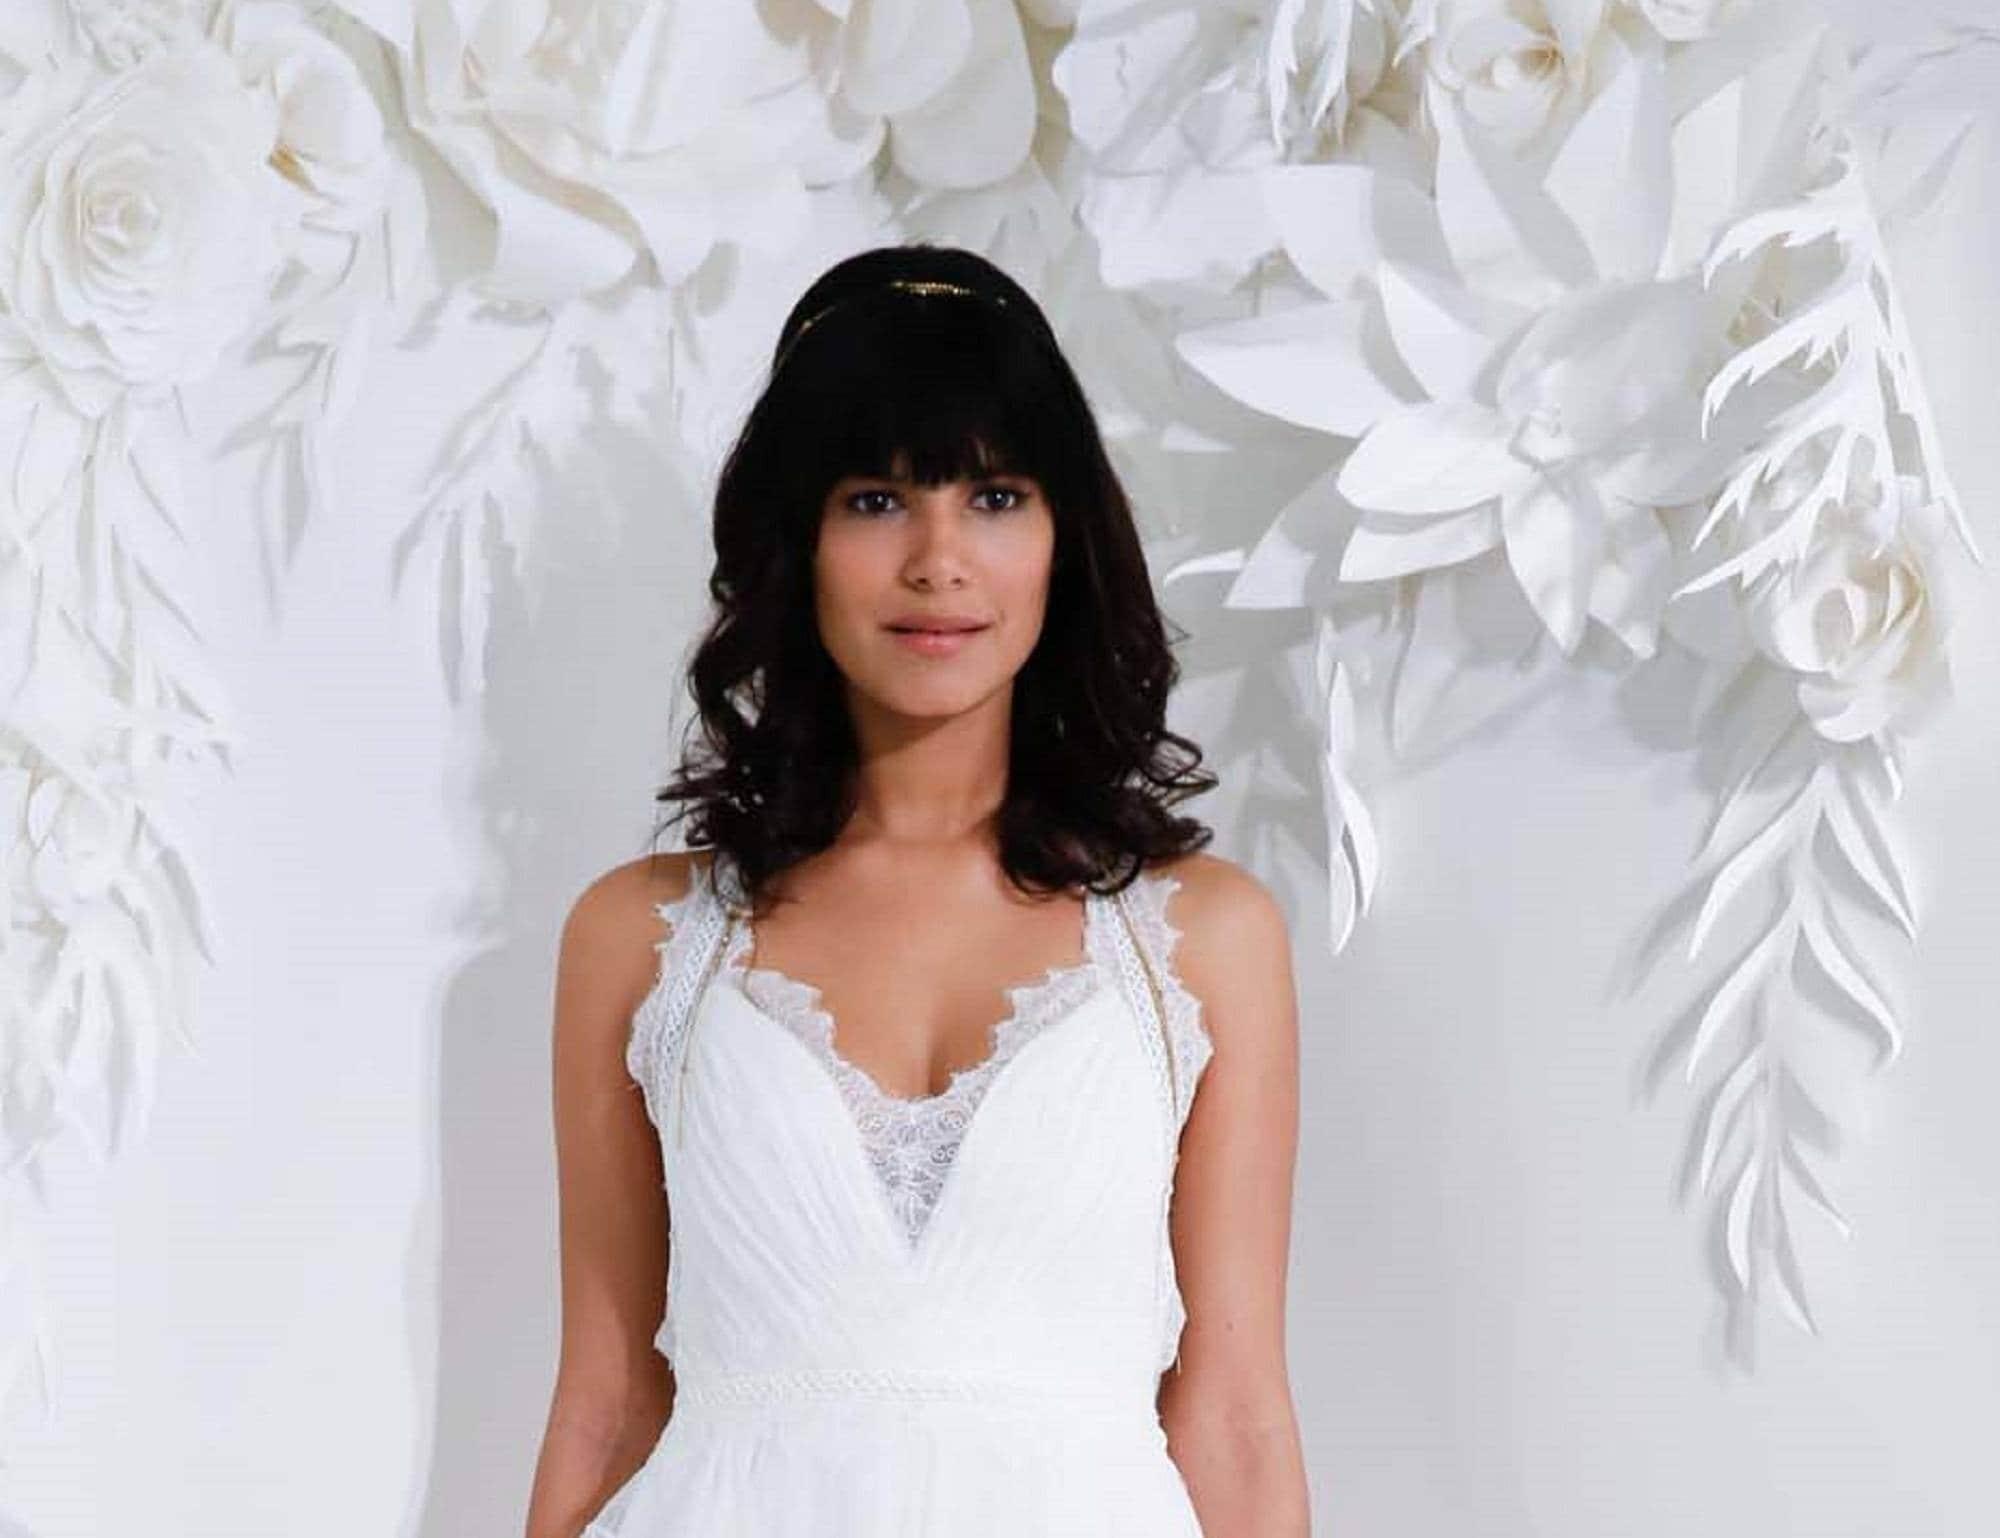 Wedding Hairstyles For Medium Hair That Look Elegant